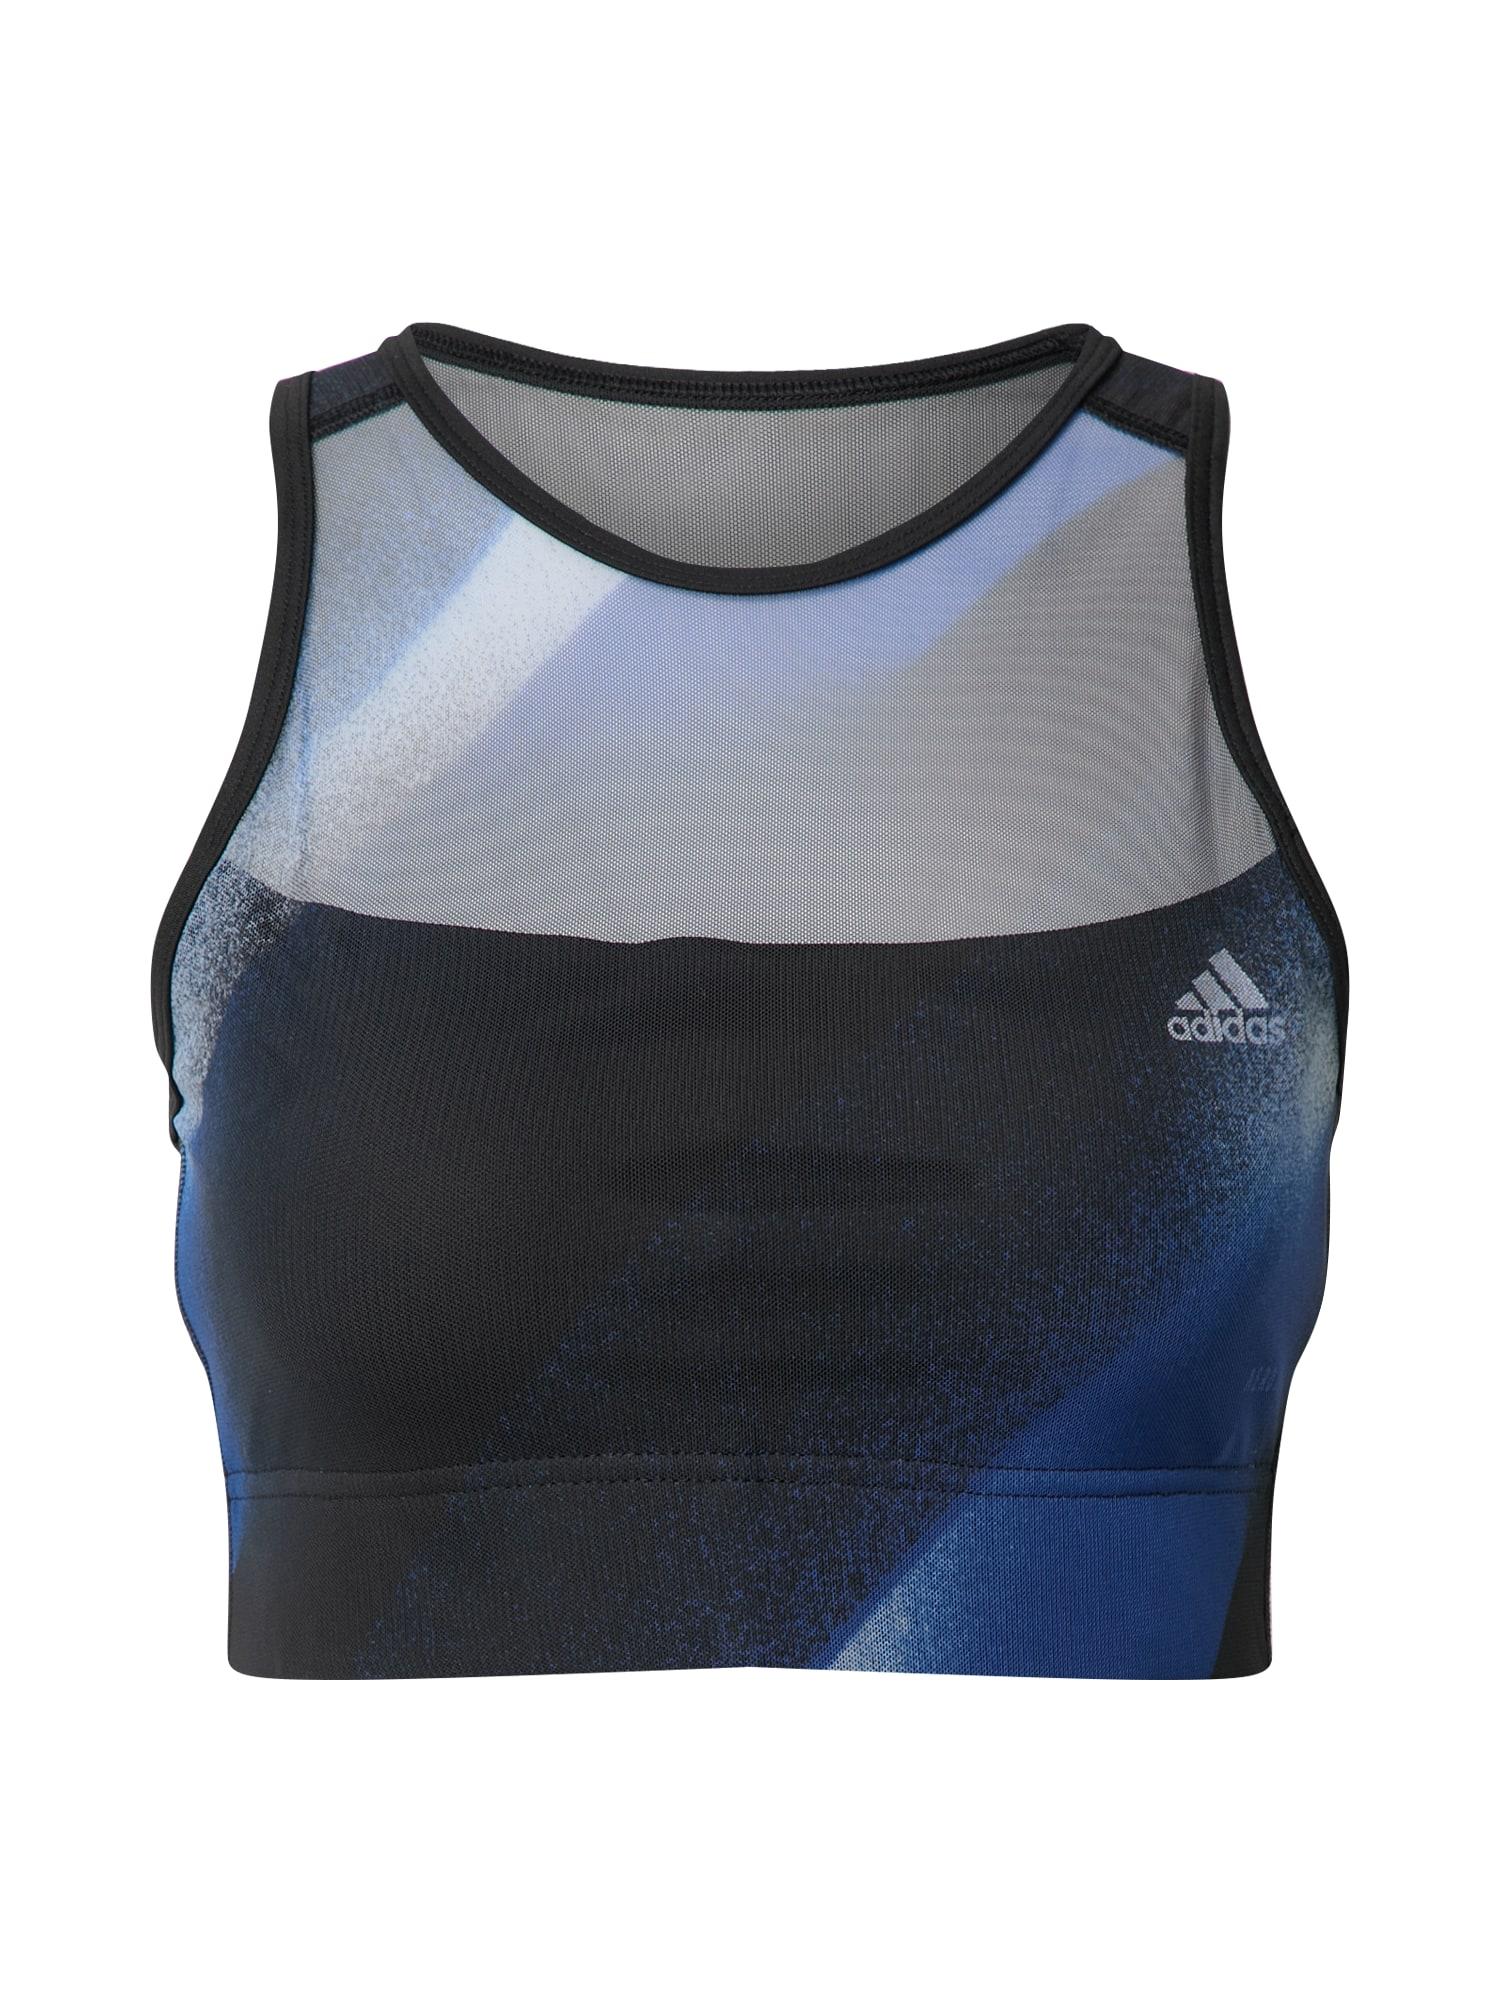 ADIDAS PERFORMANCE Sportinė liemenėlė balta / juoda / mėlyna / pilka